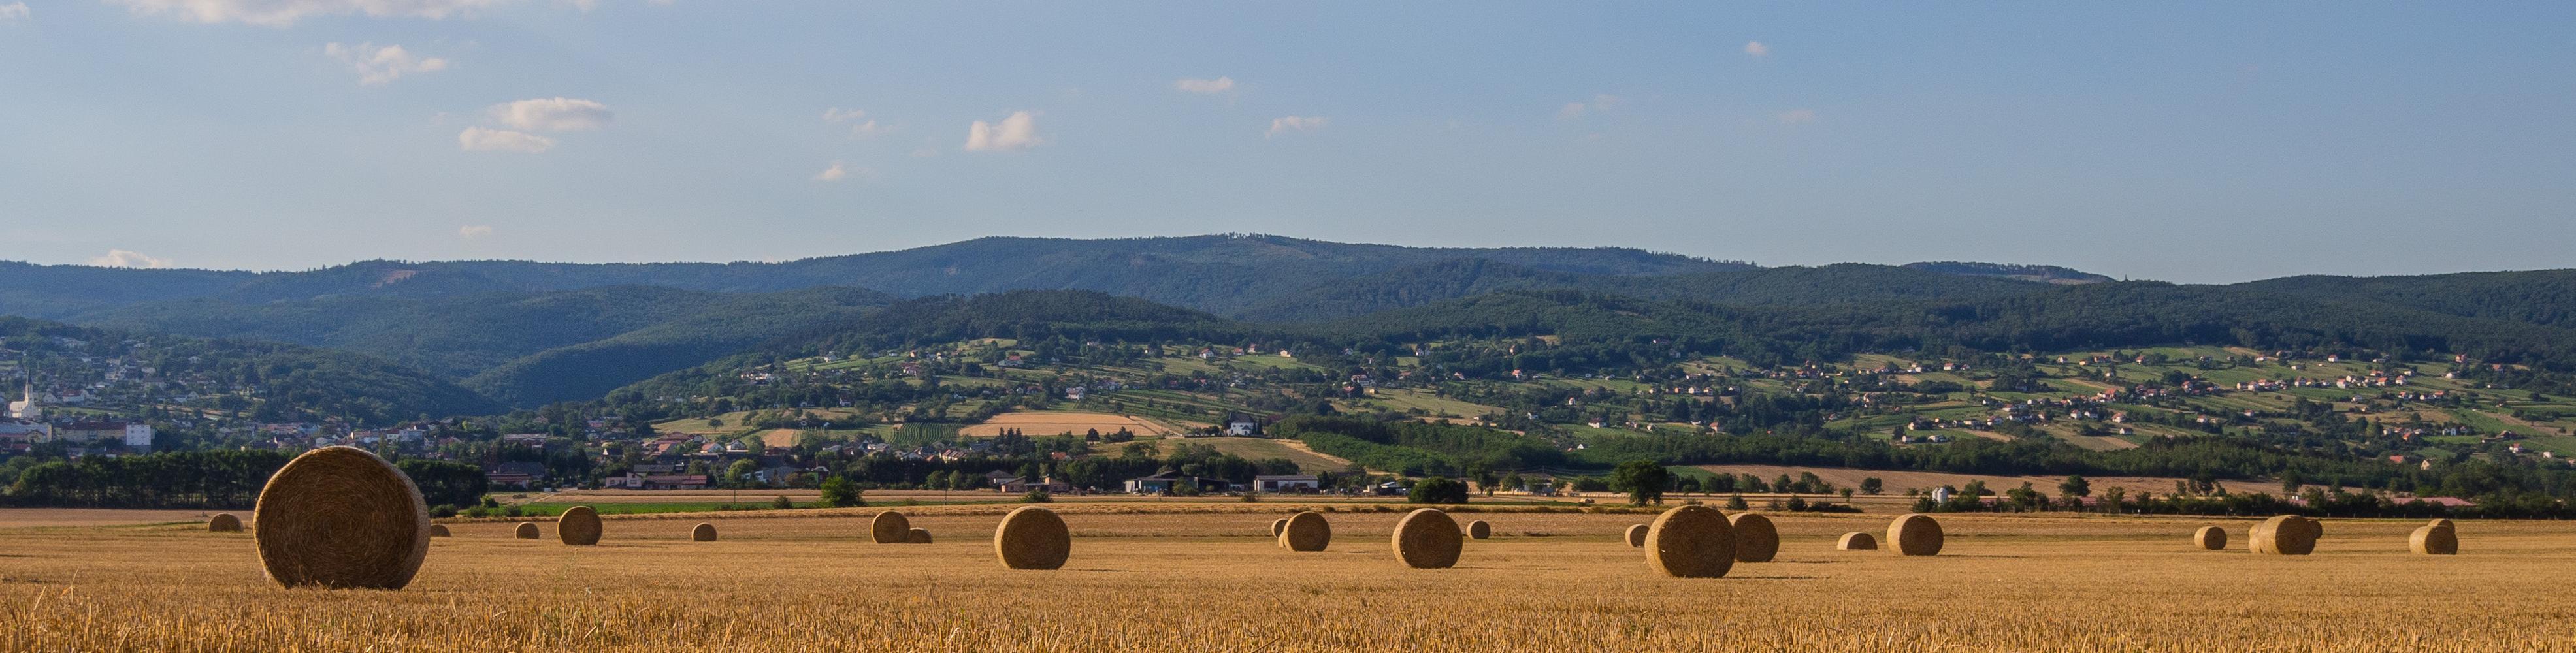 Gemeinde Rechnitz, Südburgenland